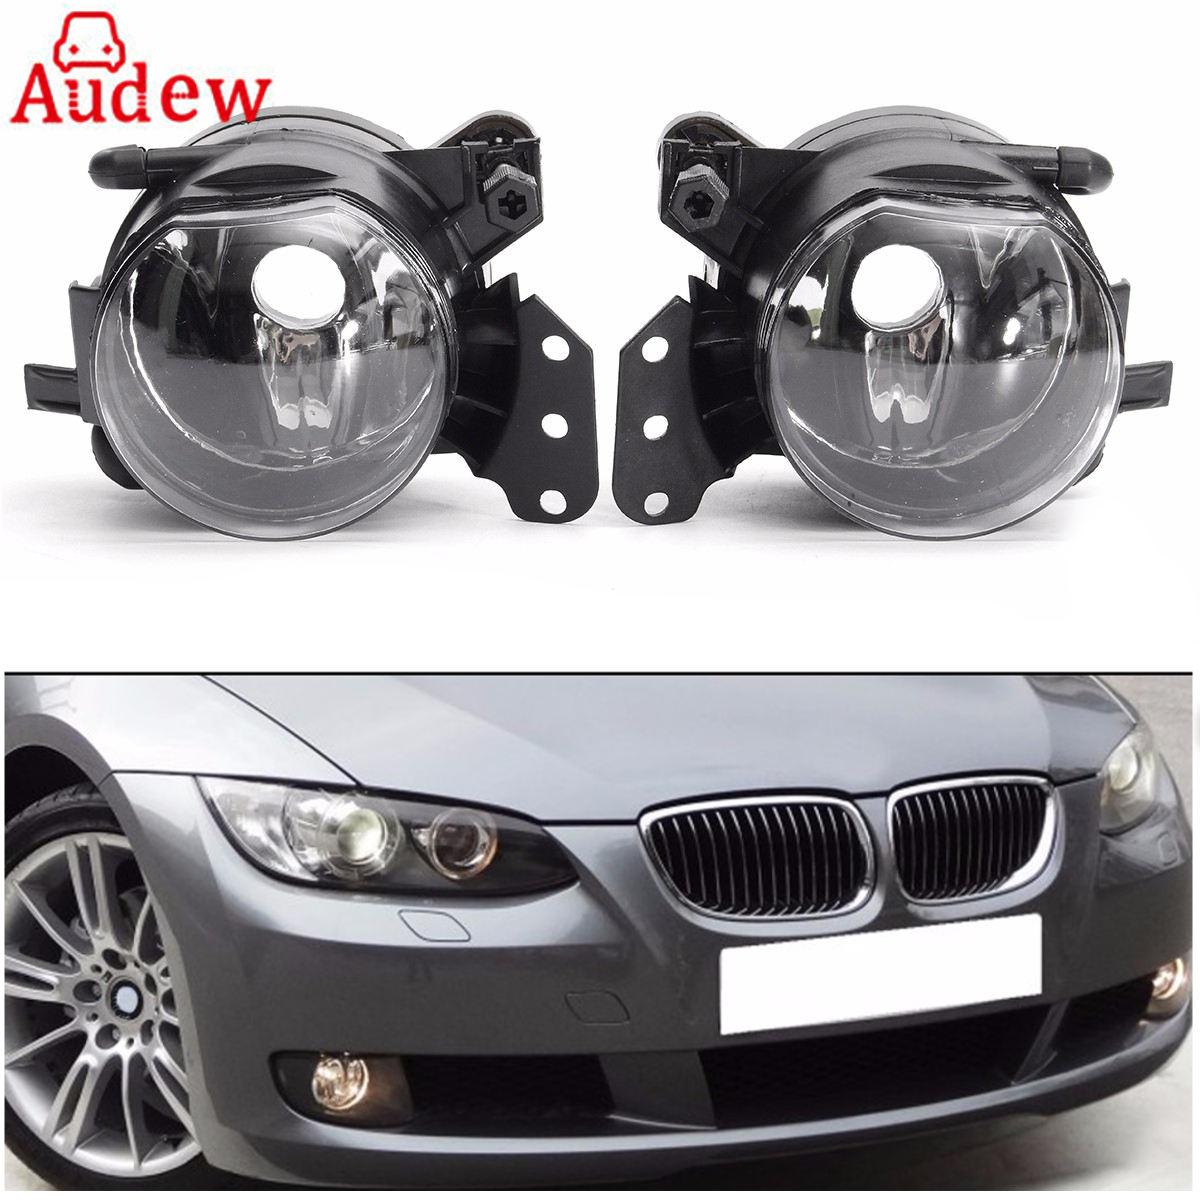 1 par luz antiniebla coche faros antiniebla lámparas vivienda lente claro sin bombillas para BMW E60 E90 E63 e46 323i 325i 525i